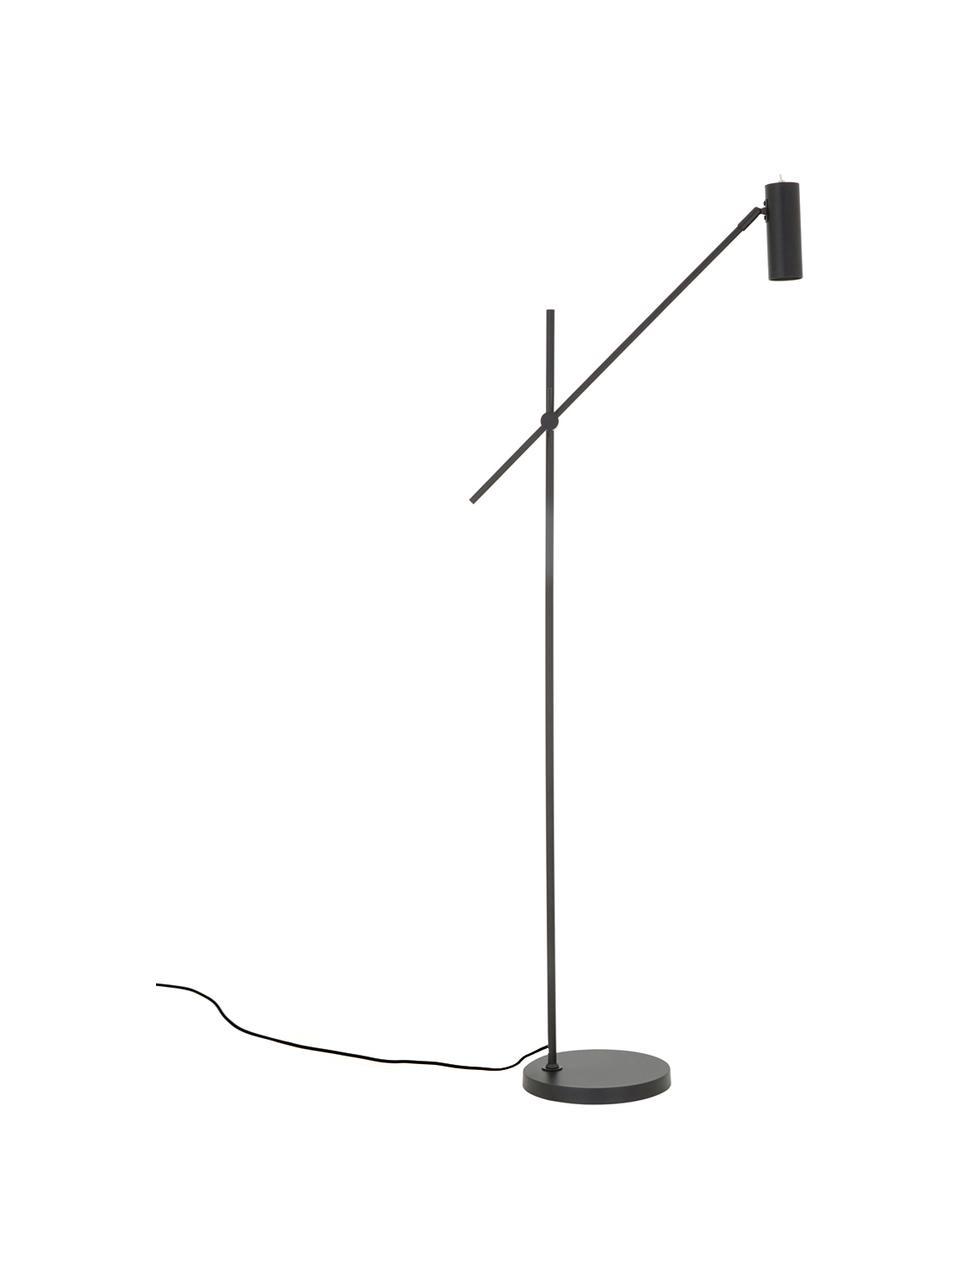 Moderne leeslamp Cassandra van metaal, Lampenkap: gepoedercoat metaal, Lampvoet: gepoedercoat metaal, Lampenkap: mat zwart. Lampvoet: mat zwart. Snoer: zwart, 75 x 152 cm